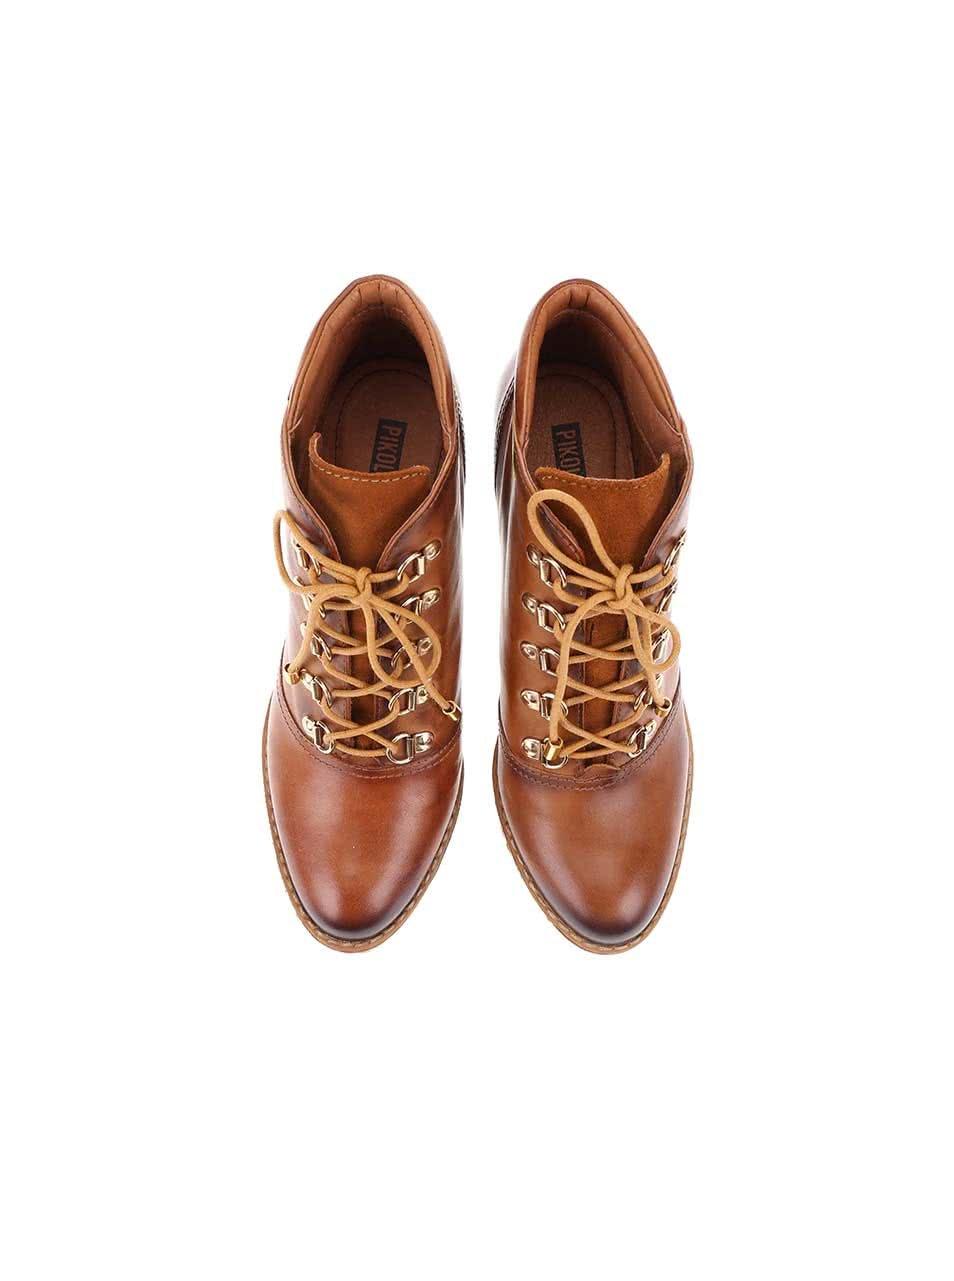 64c7398d9f56 Hnedé kožené šnurovacie topánky na podpätku Pikolinos ...